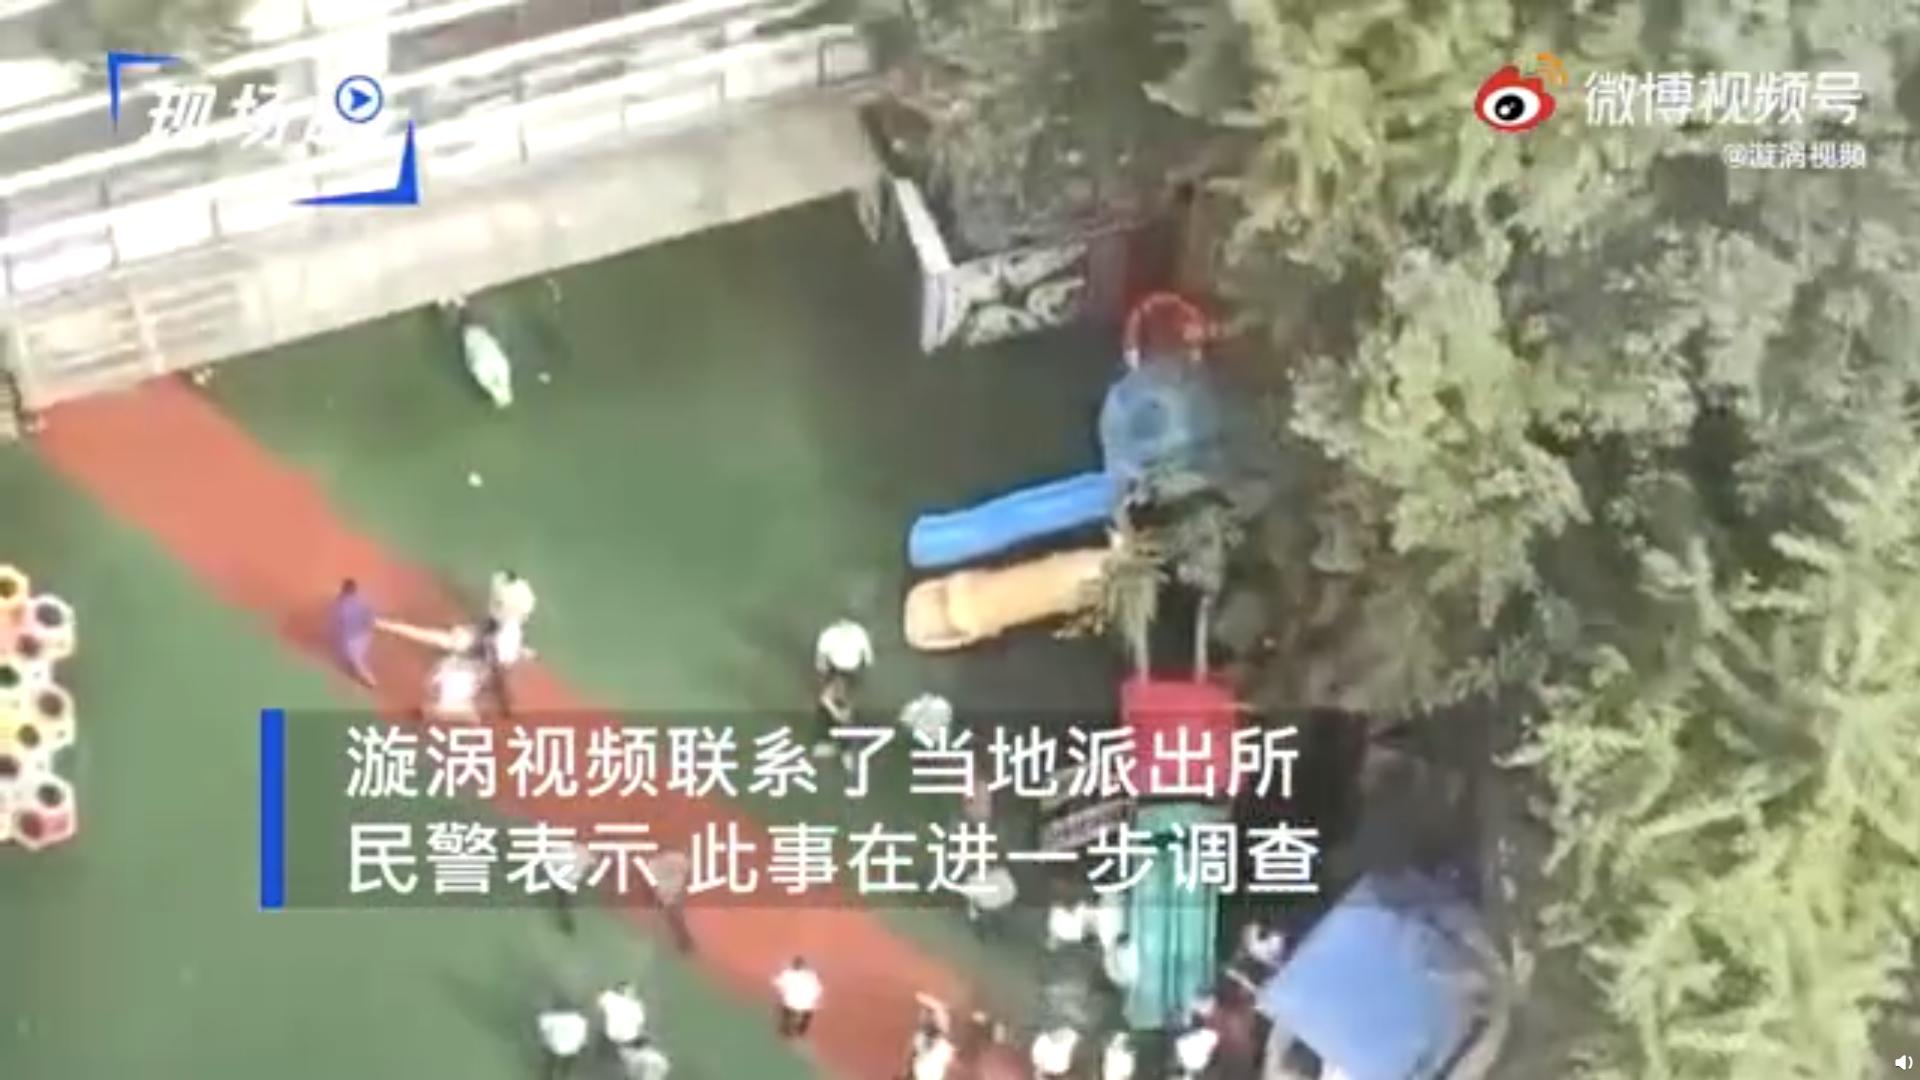 40多人闯幼儿园殴打女员工致骨折,警方介入调查